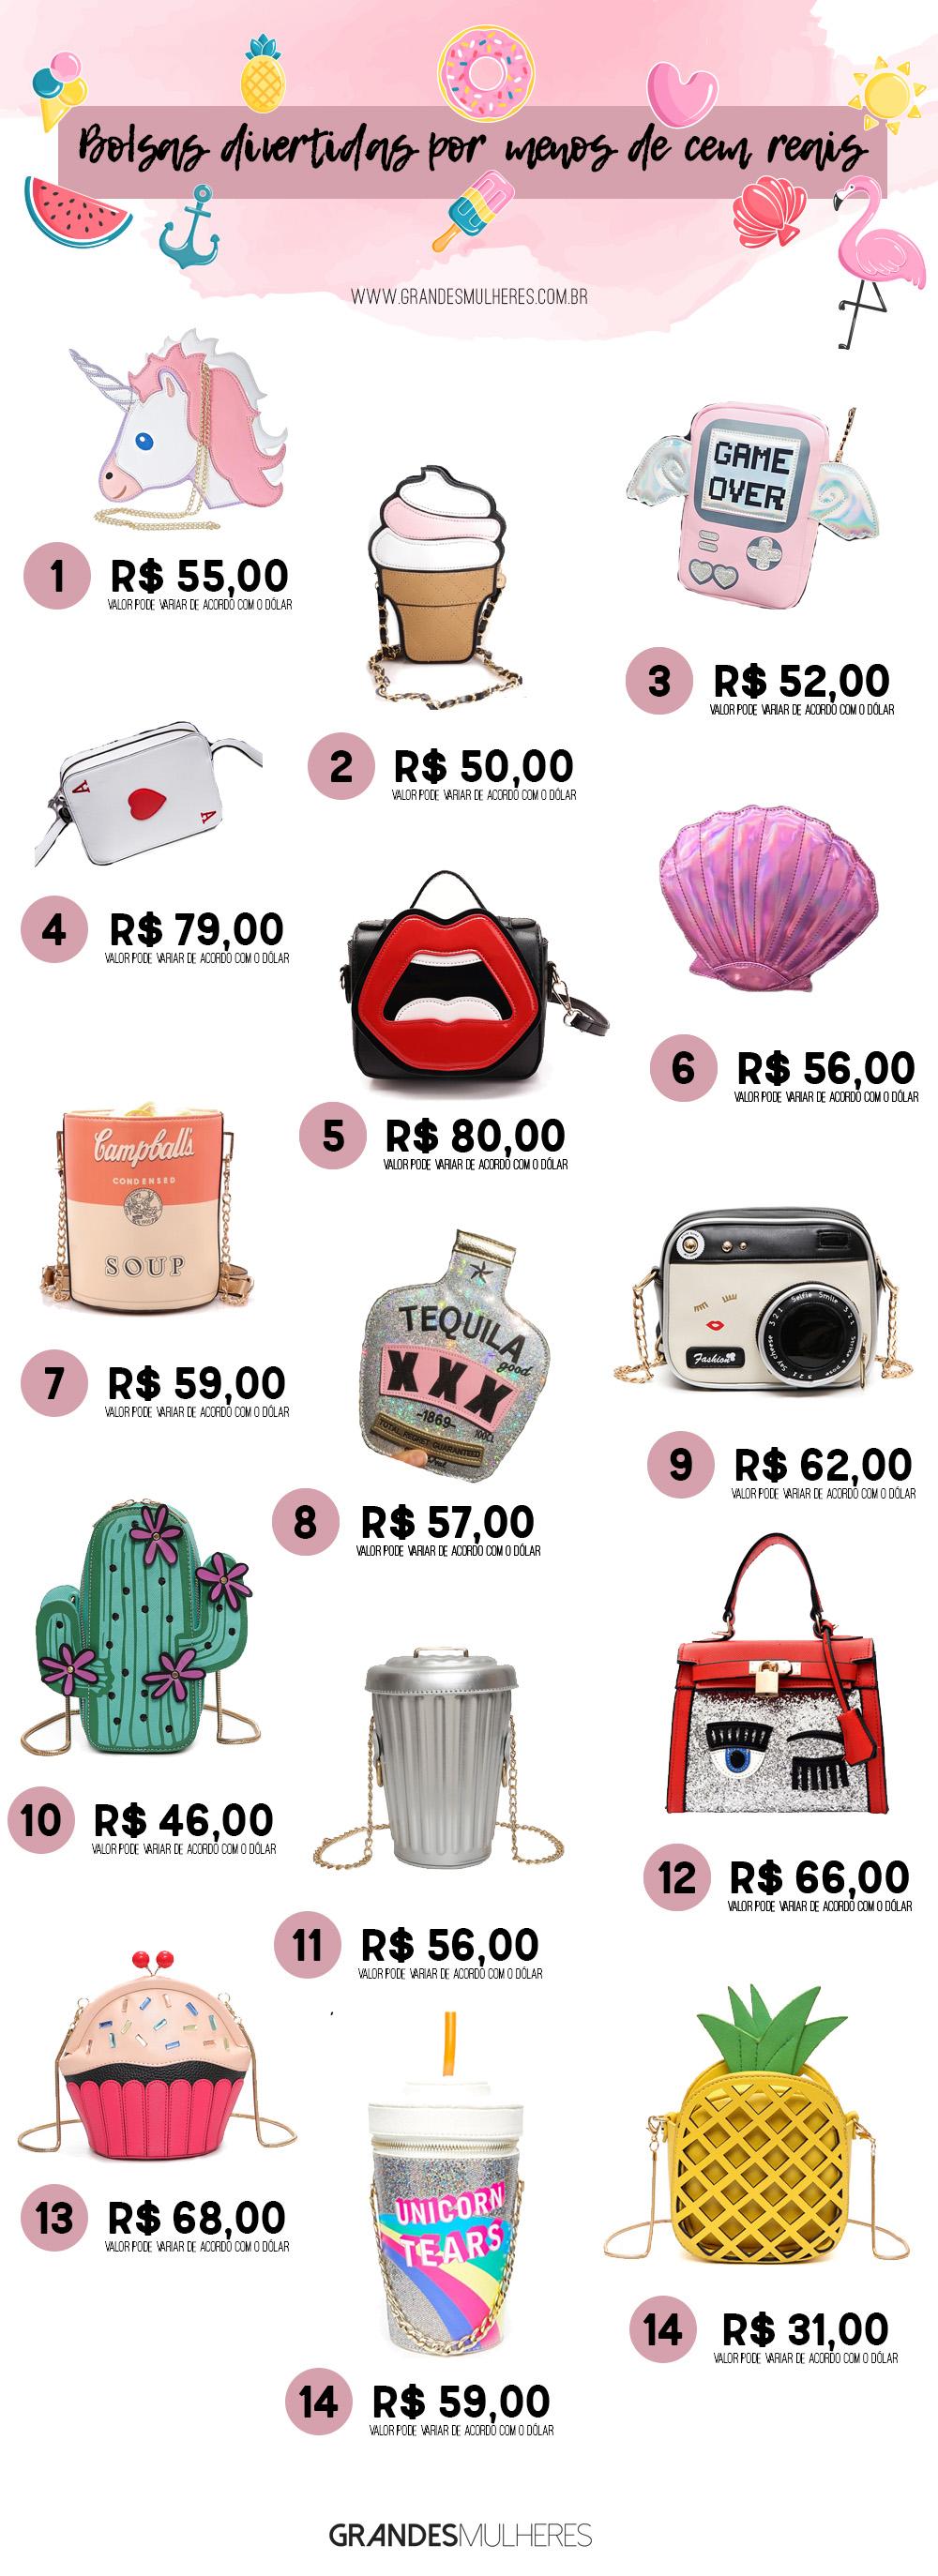 d012dcdb4 Bolsas divertidas por menos de cem reais, bolsas divertidas, fun handbags,  fun bags